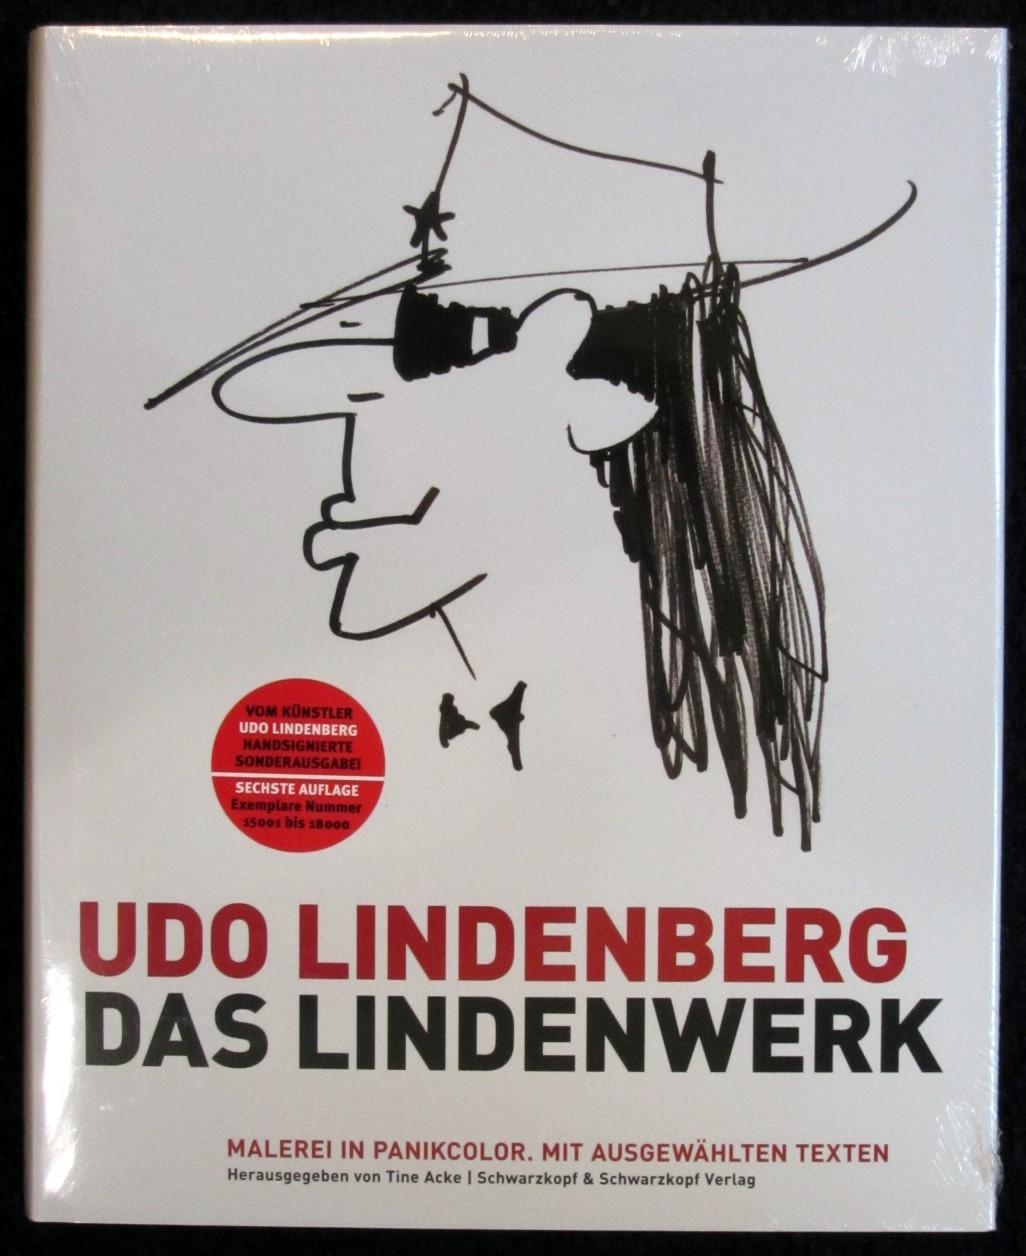 Das Lindenwerk